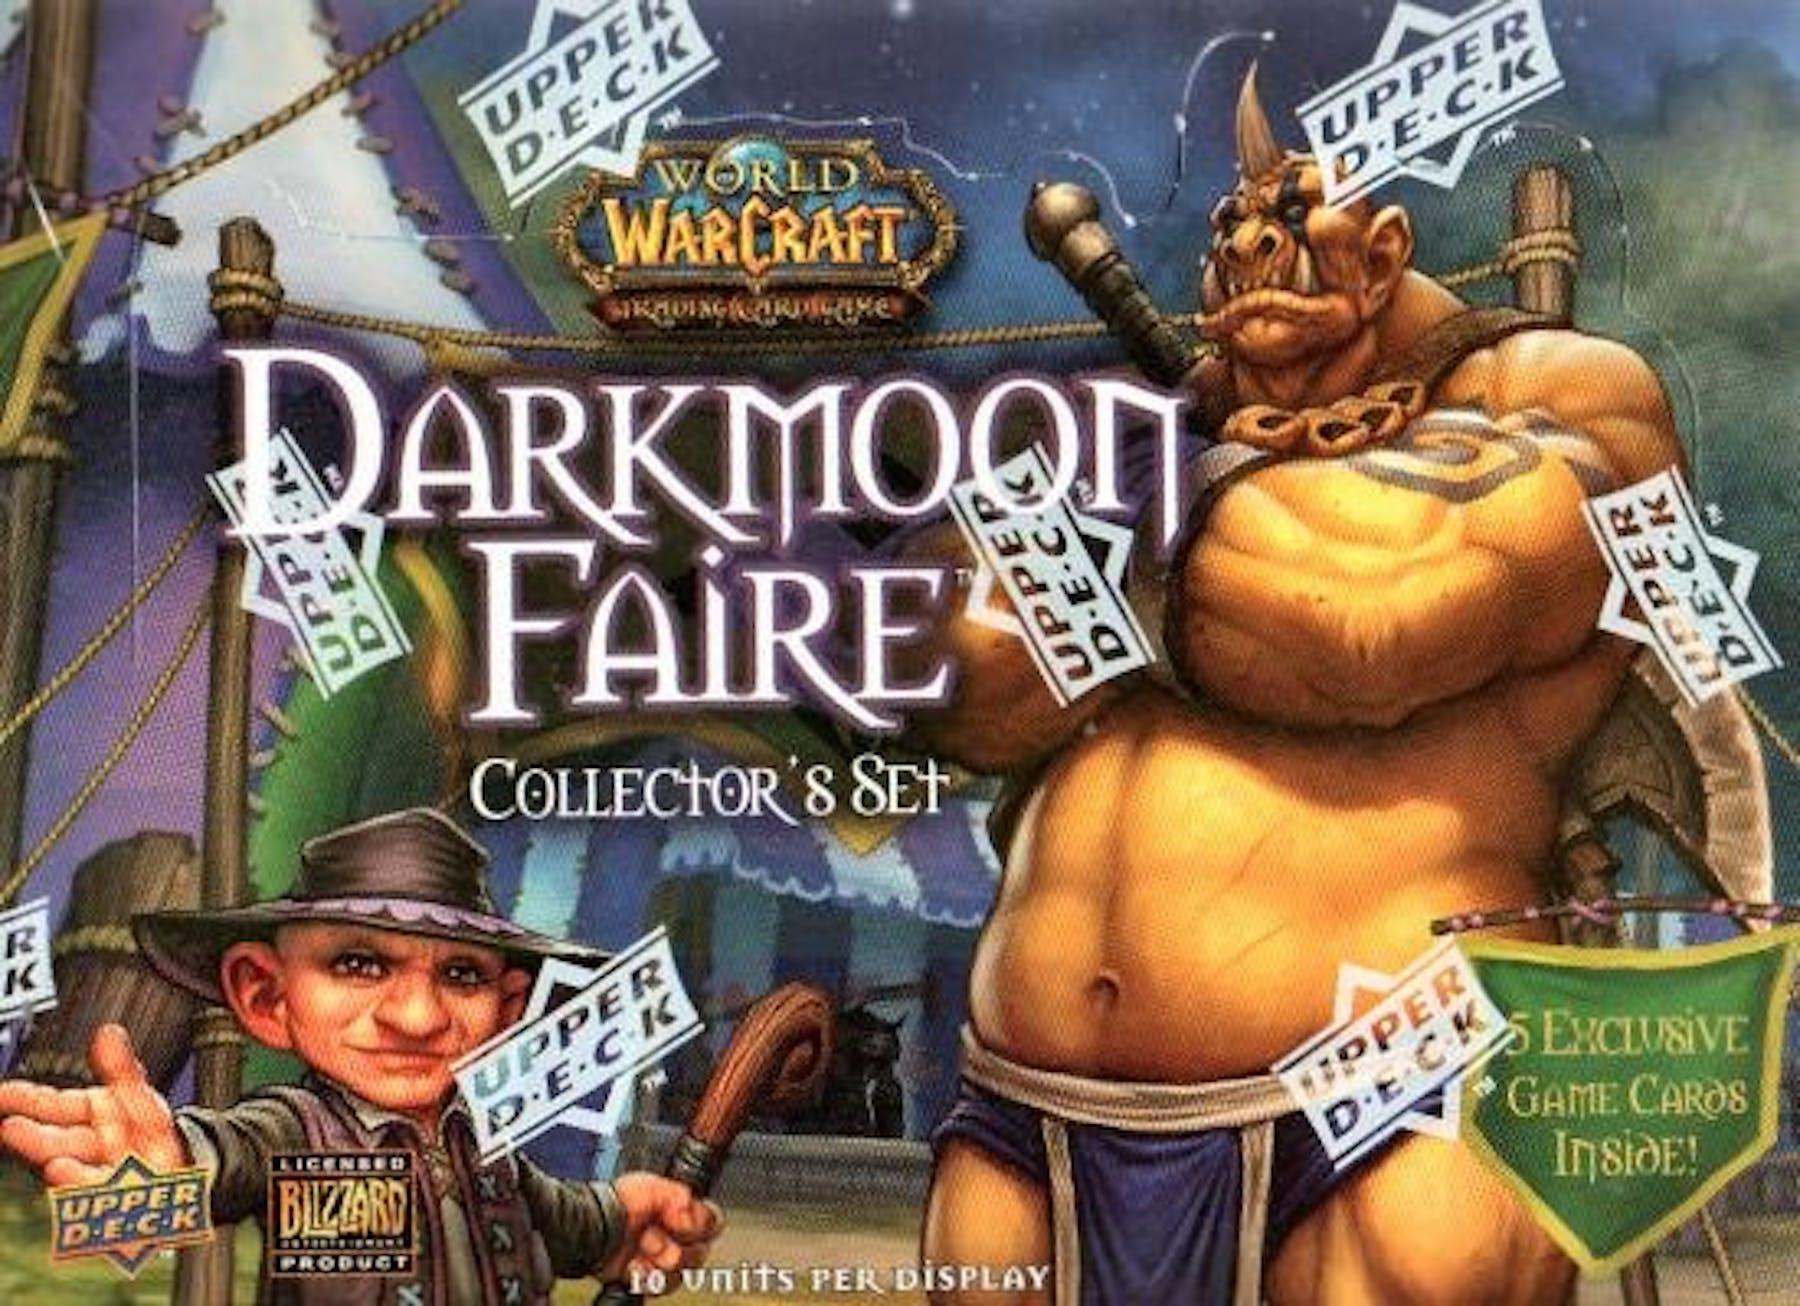 World of Warcraft Darkmoon Faire Collectors Box | DA Card World